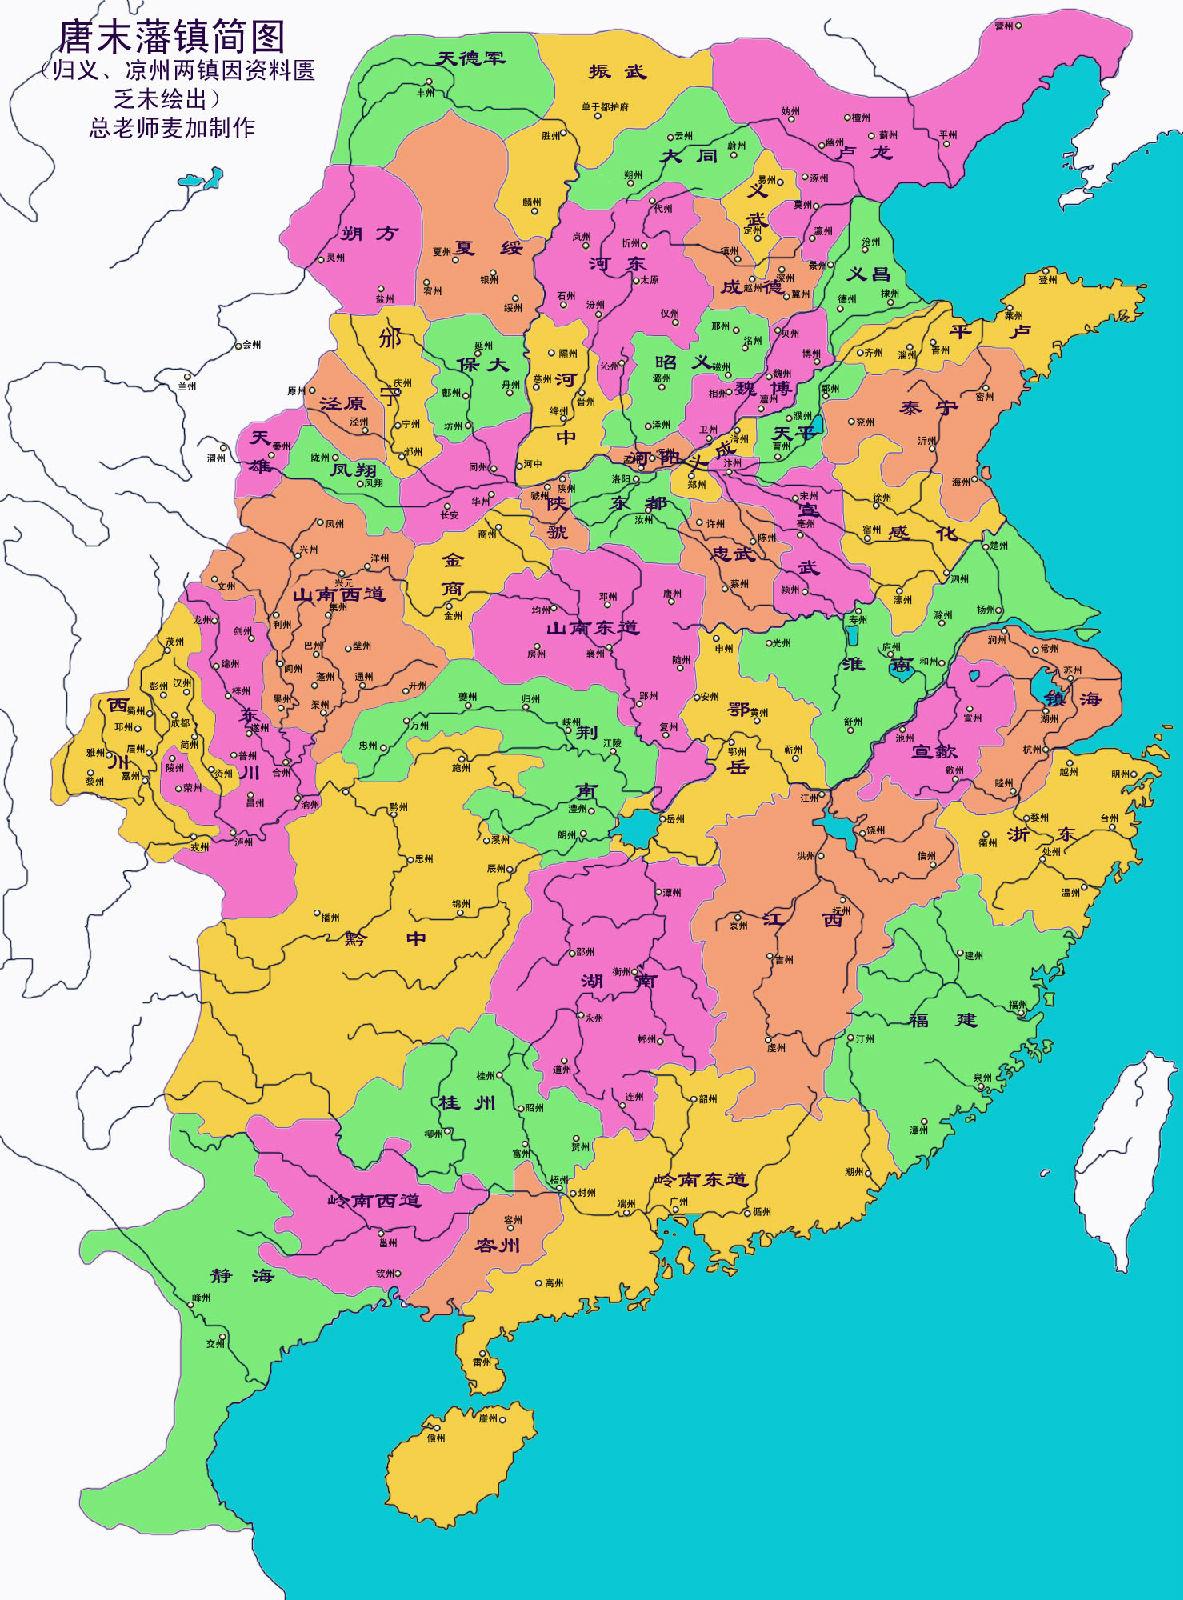 求一张唐末宋初的疆域地图,最好是五代十国时的求一张唐末宋初的疆域地图,最好是五代十国时的